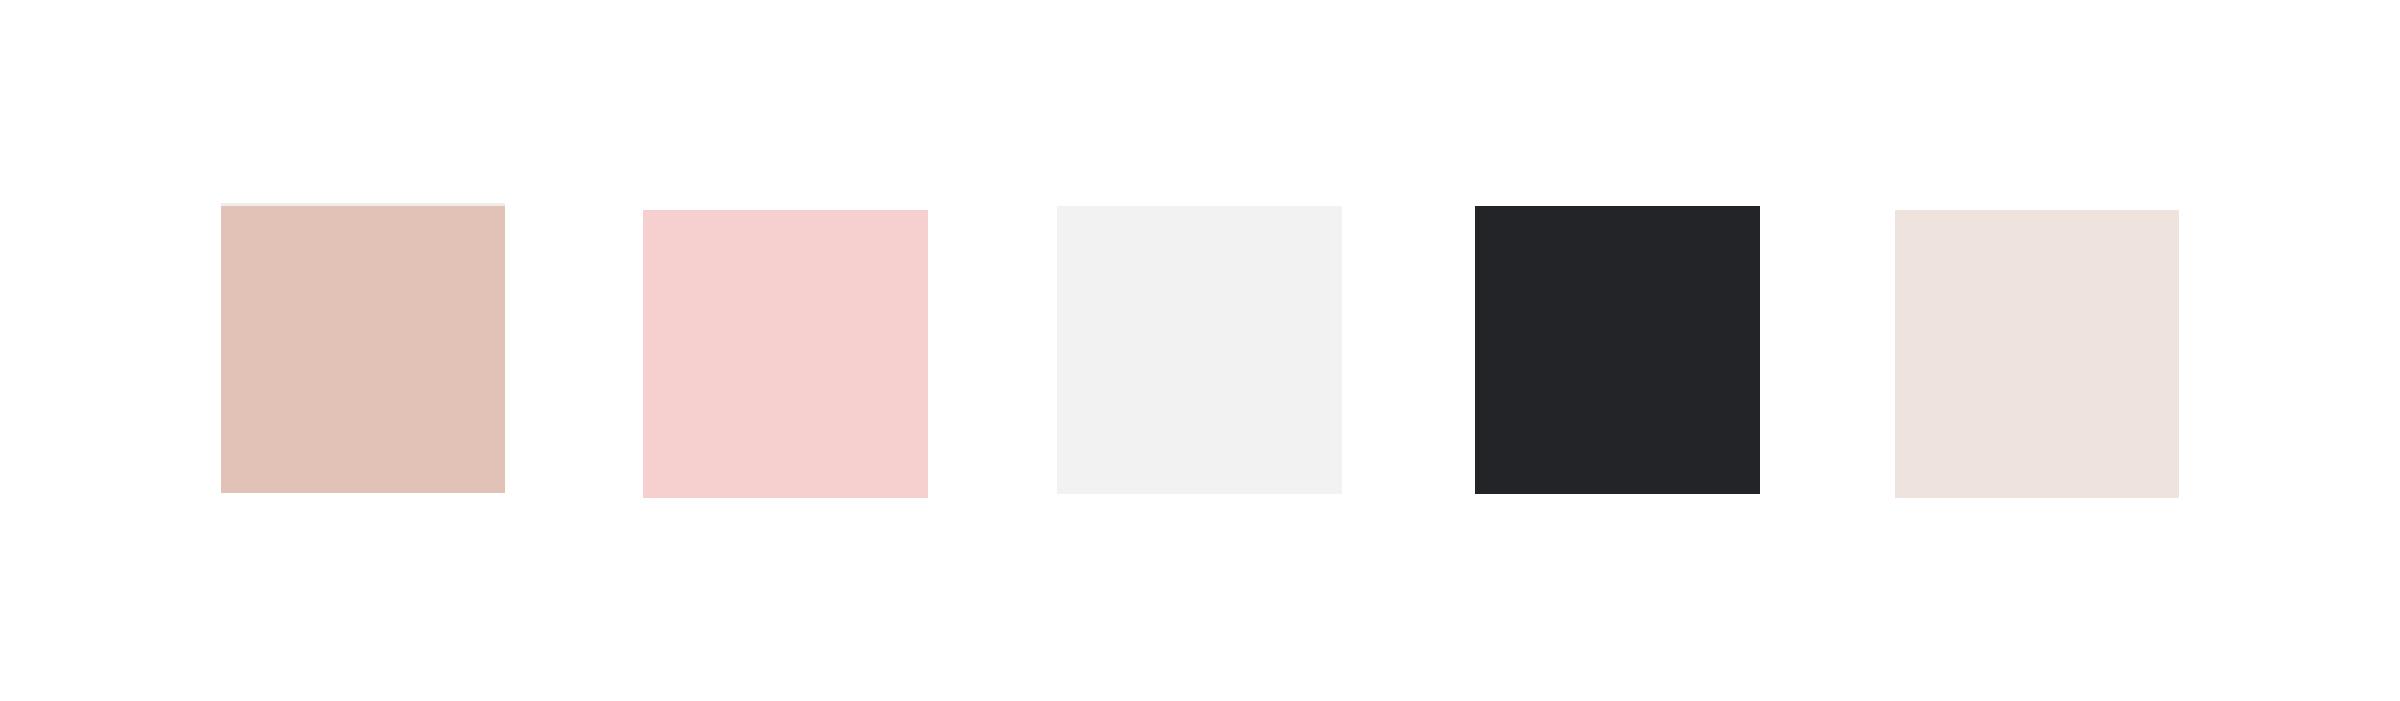 lash pop colors-01.png